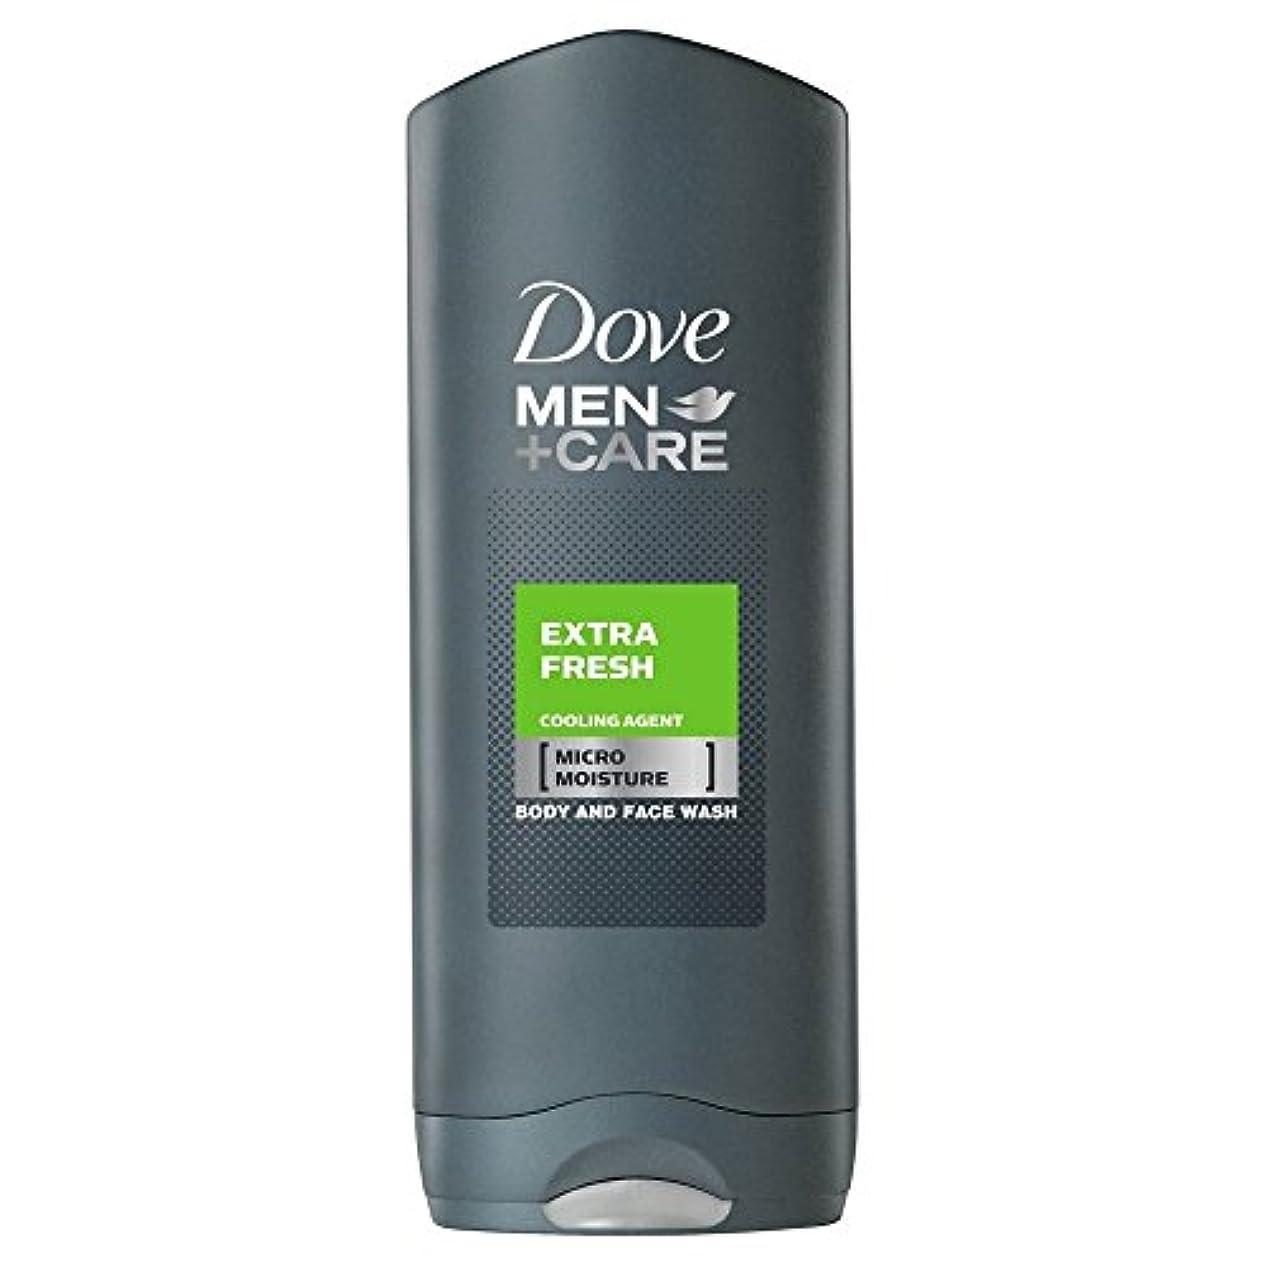 ボール立法サイクルDove Men + Care Body & Face Wash - Extra Fresh (250ml) 鳩の男性は+ボディと洗顔ケア - 余分な新鮮な( 250ミリリットル)を [並行輸入品]